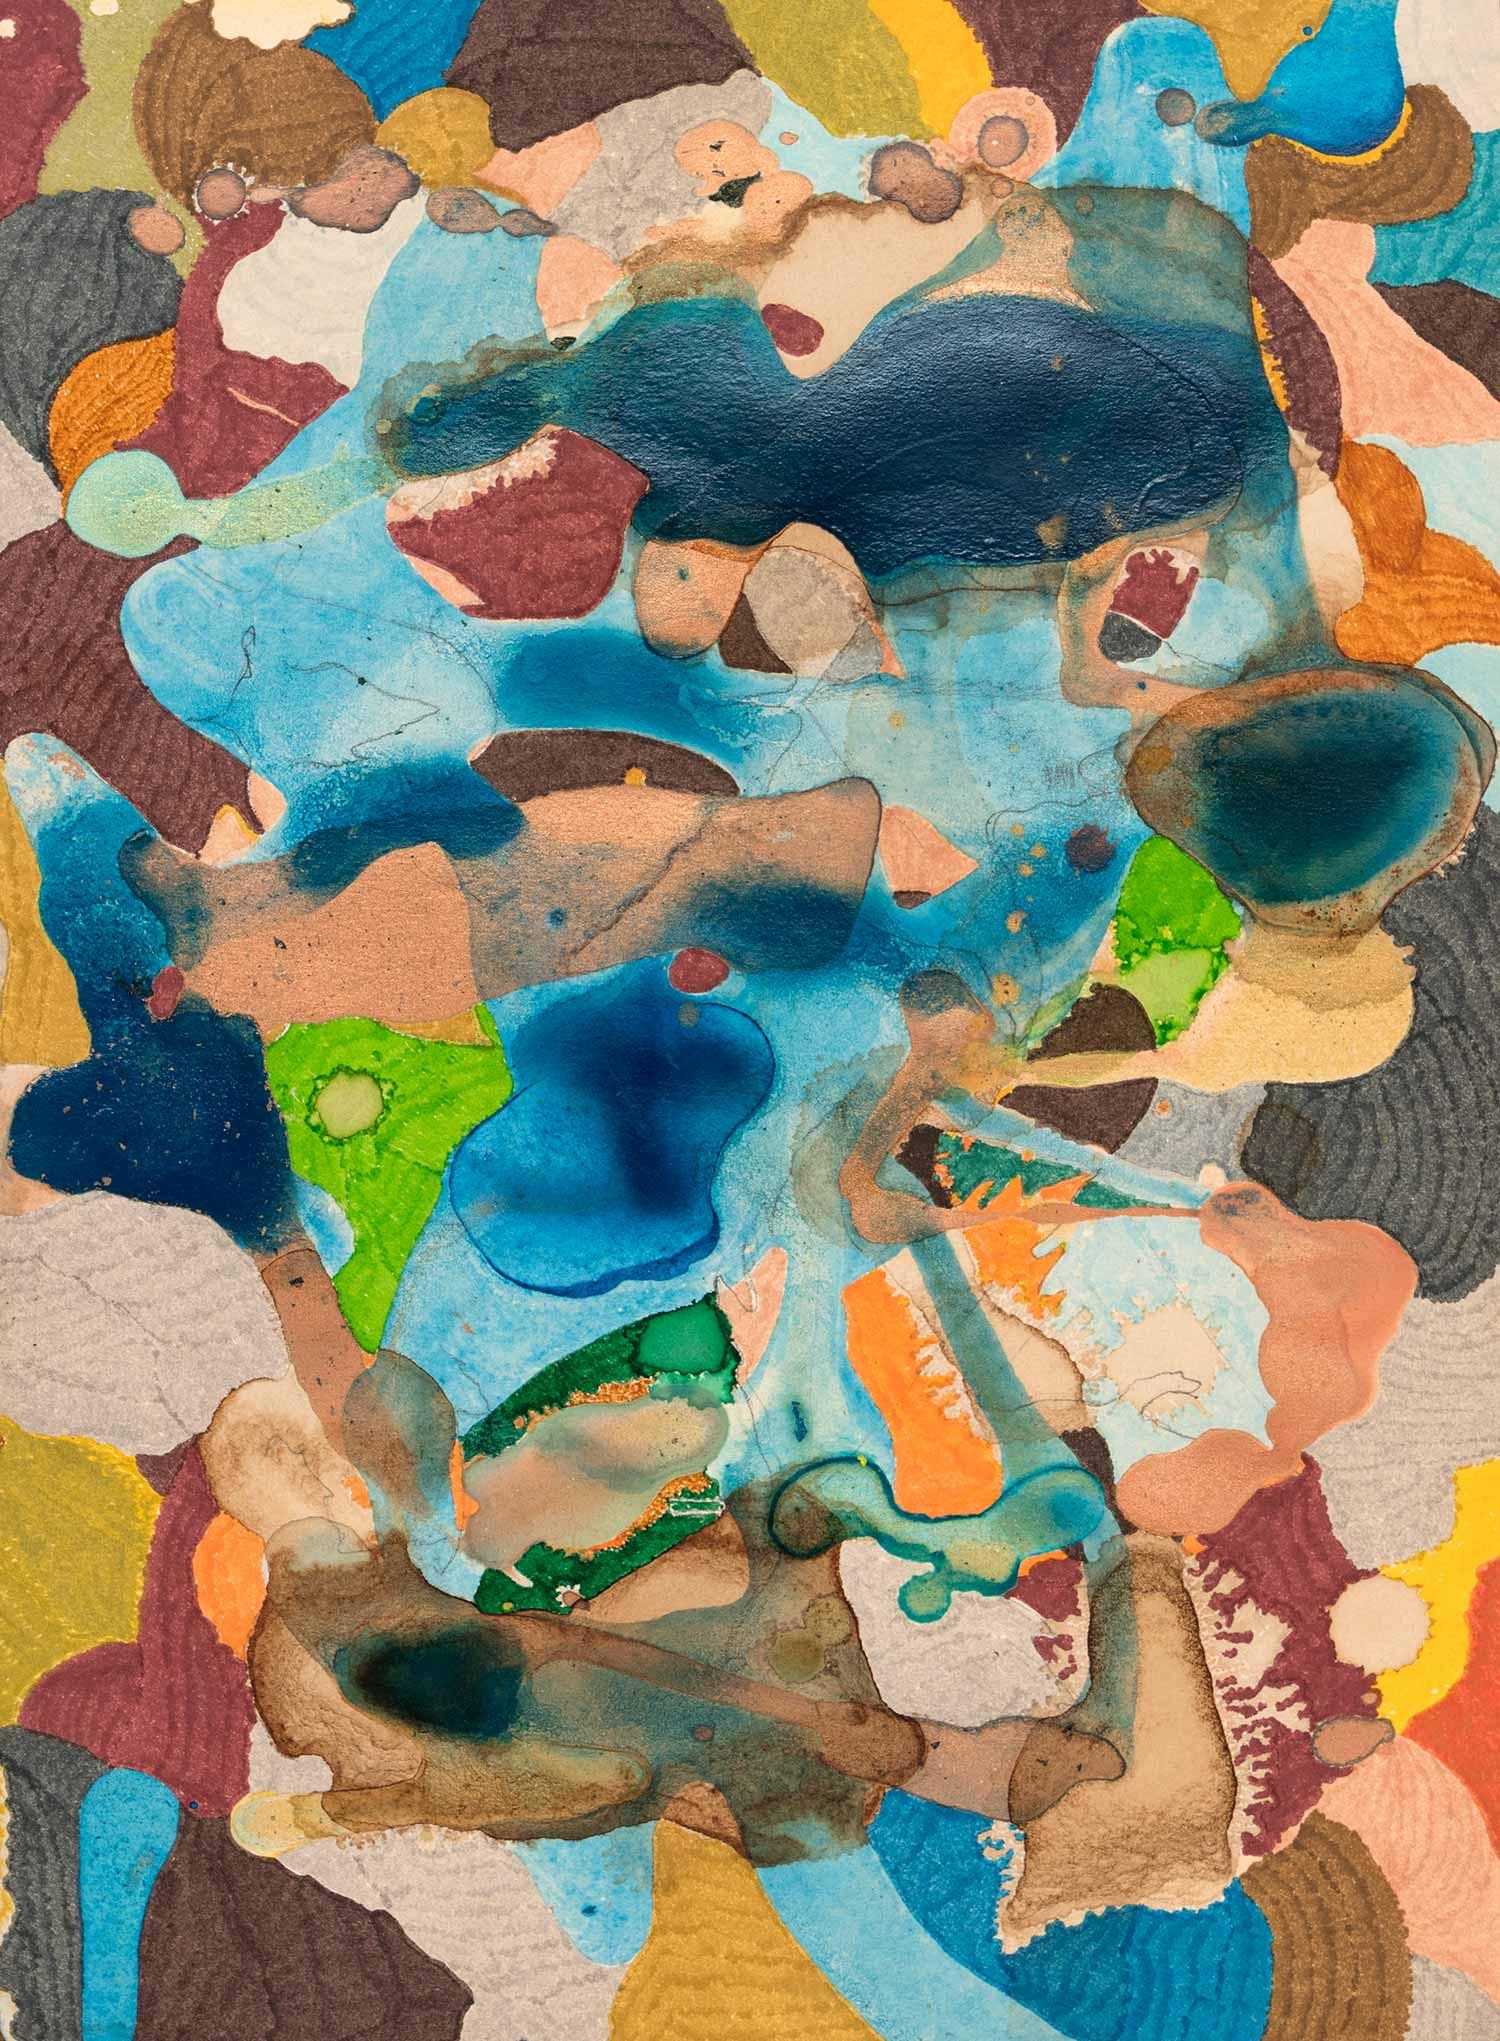 <b>Delicatessen I</b><br> Técnica mixta sobre papel Canson Añejo<br> 34 x 24,5 cm